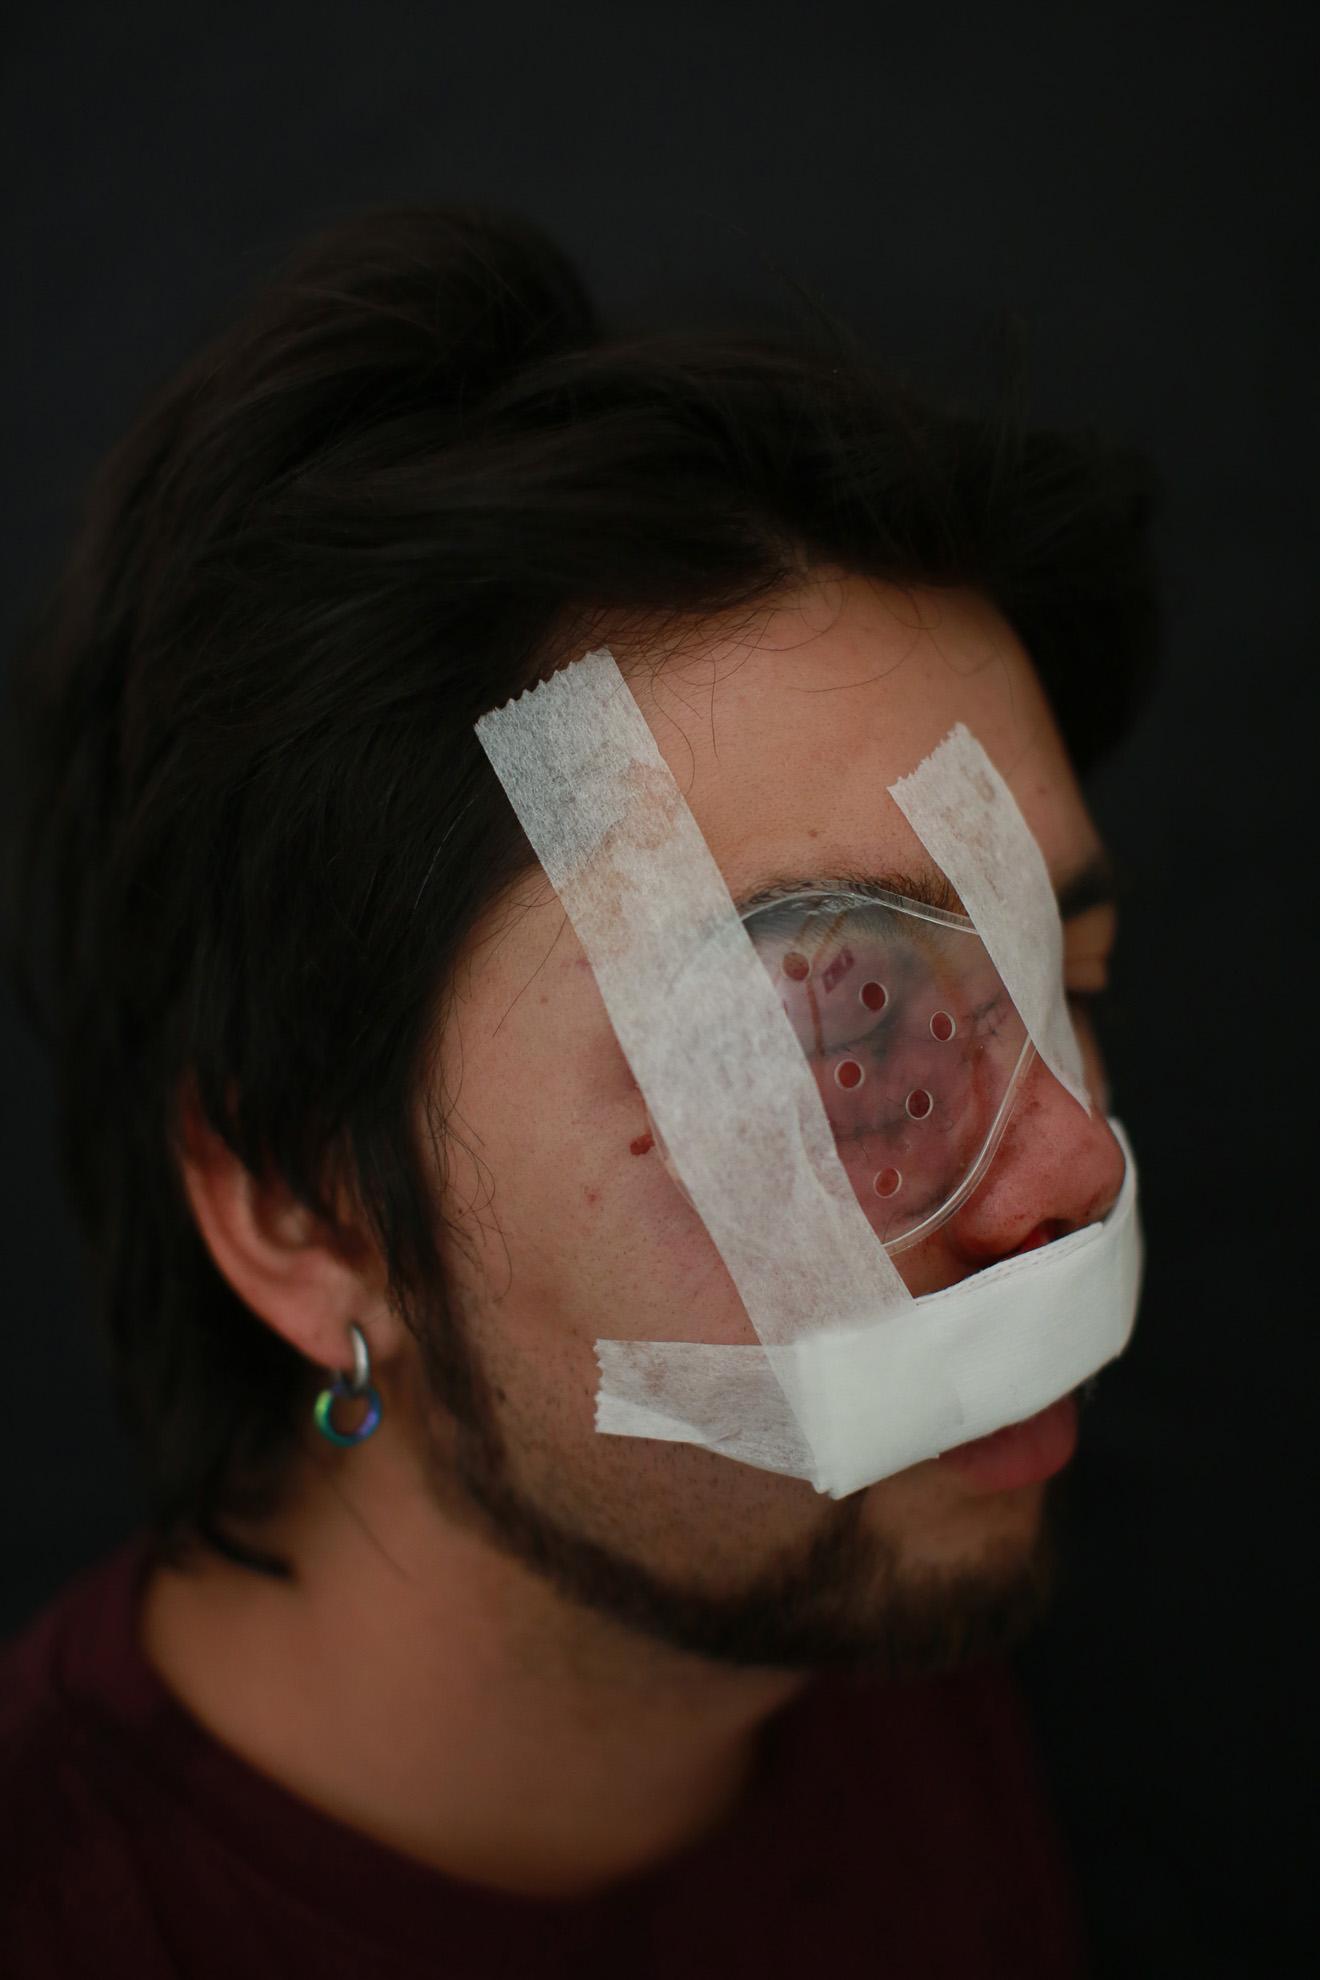 """Diego Leppez (27) fue impactado por una bomba lacrimógena que le provocó la pérdida de la vista y una fractura nasal el 15 de noviembre en calle Pio Nono. """"Retornaba del trabajo, no estaba participando de la marcha""""."""